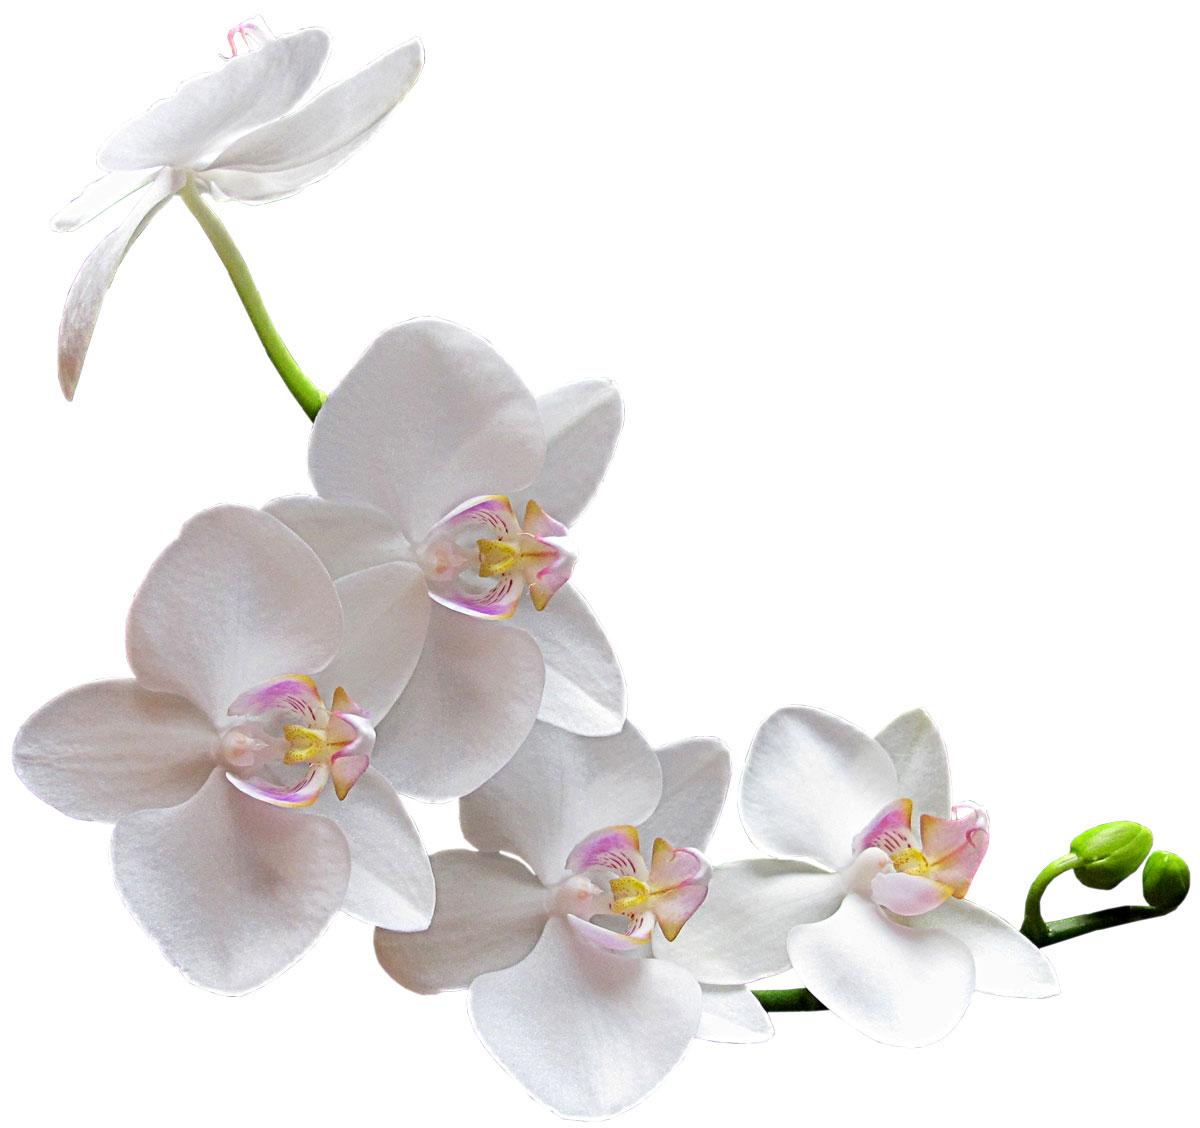 胡蝶蘭と【女性の肌】は似てる?